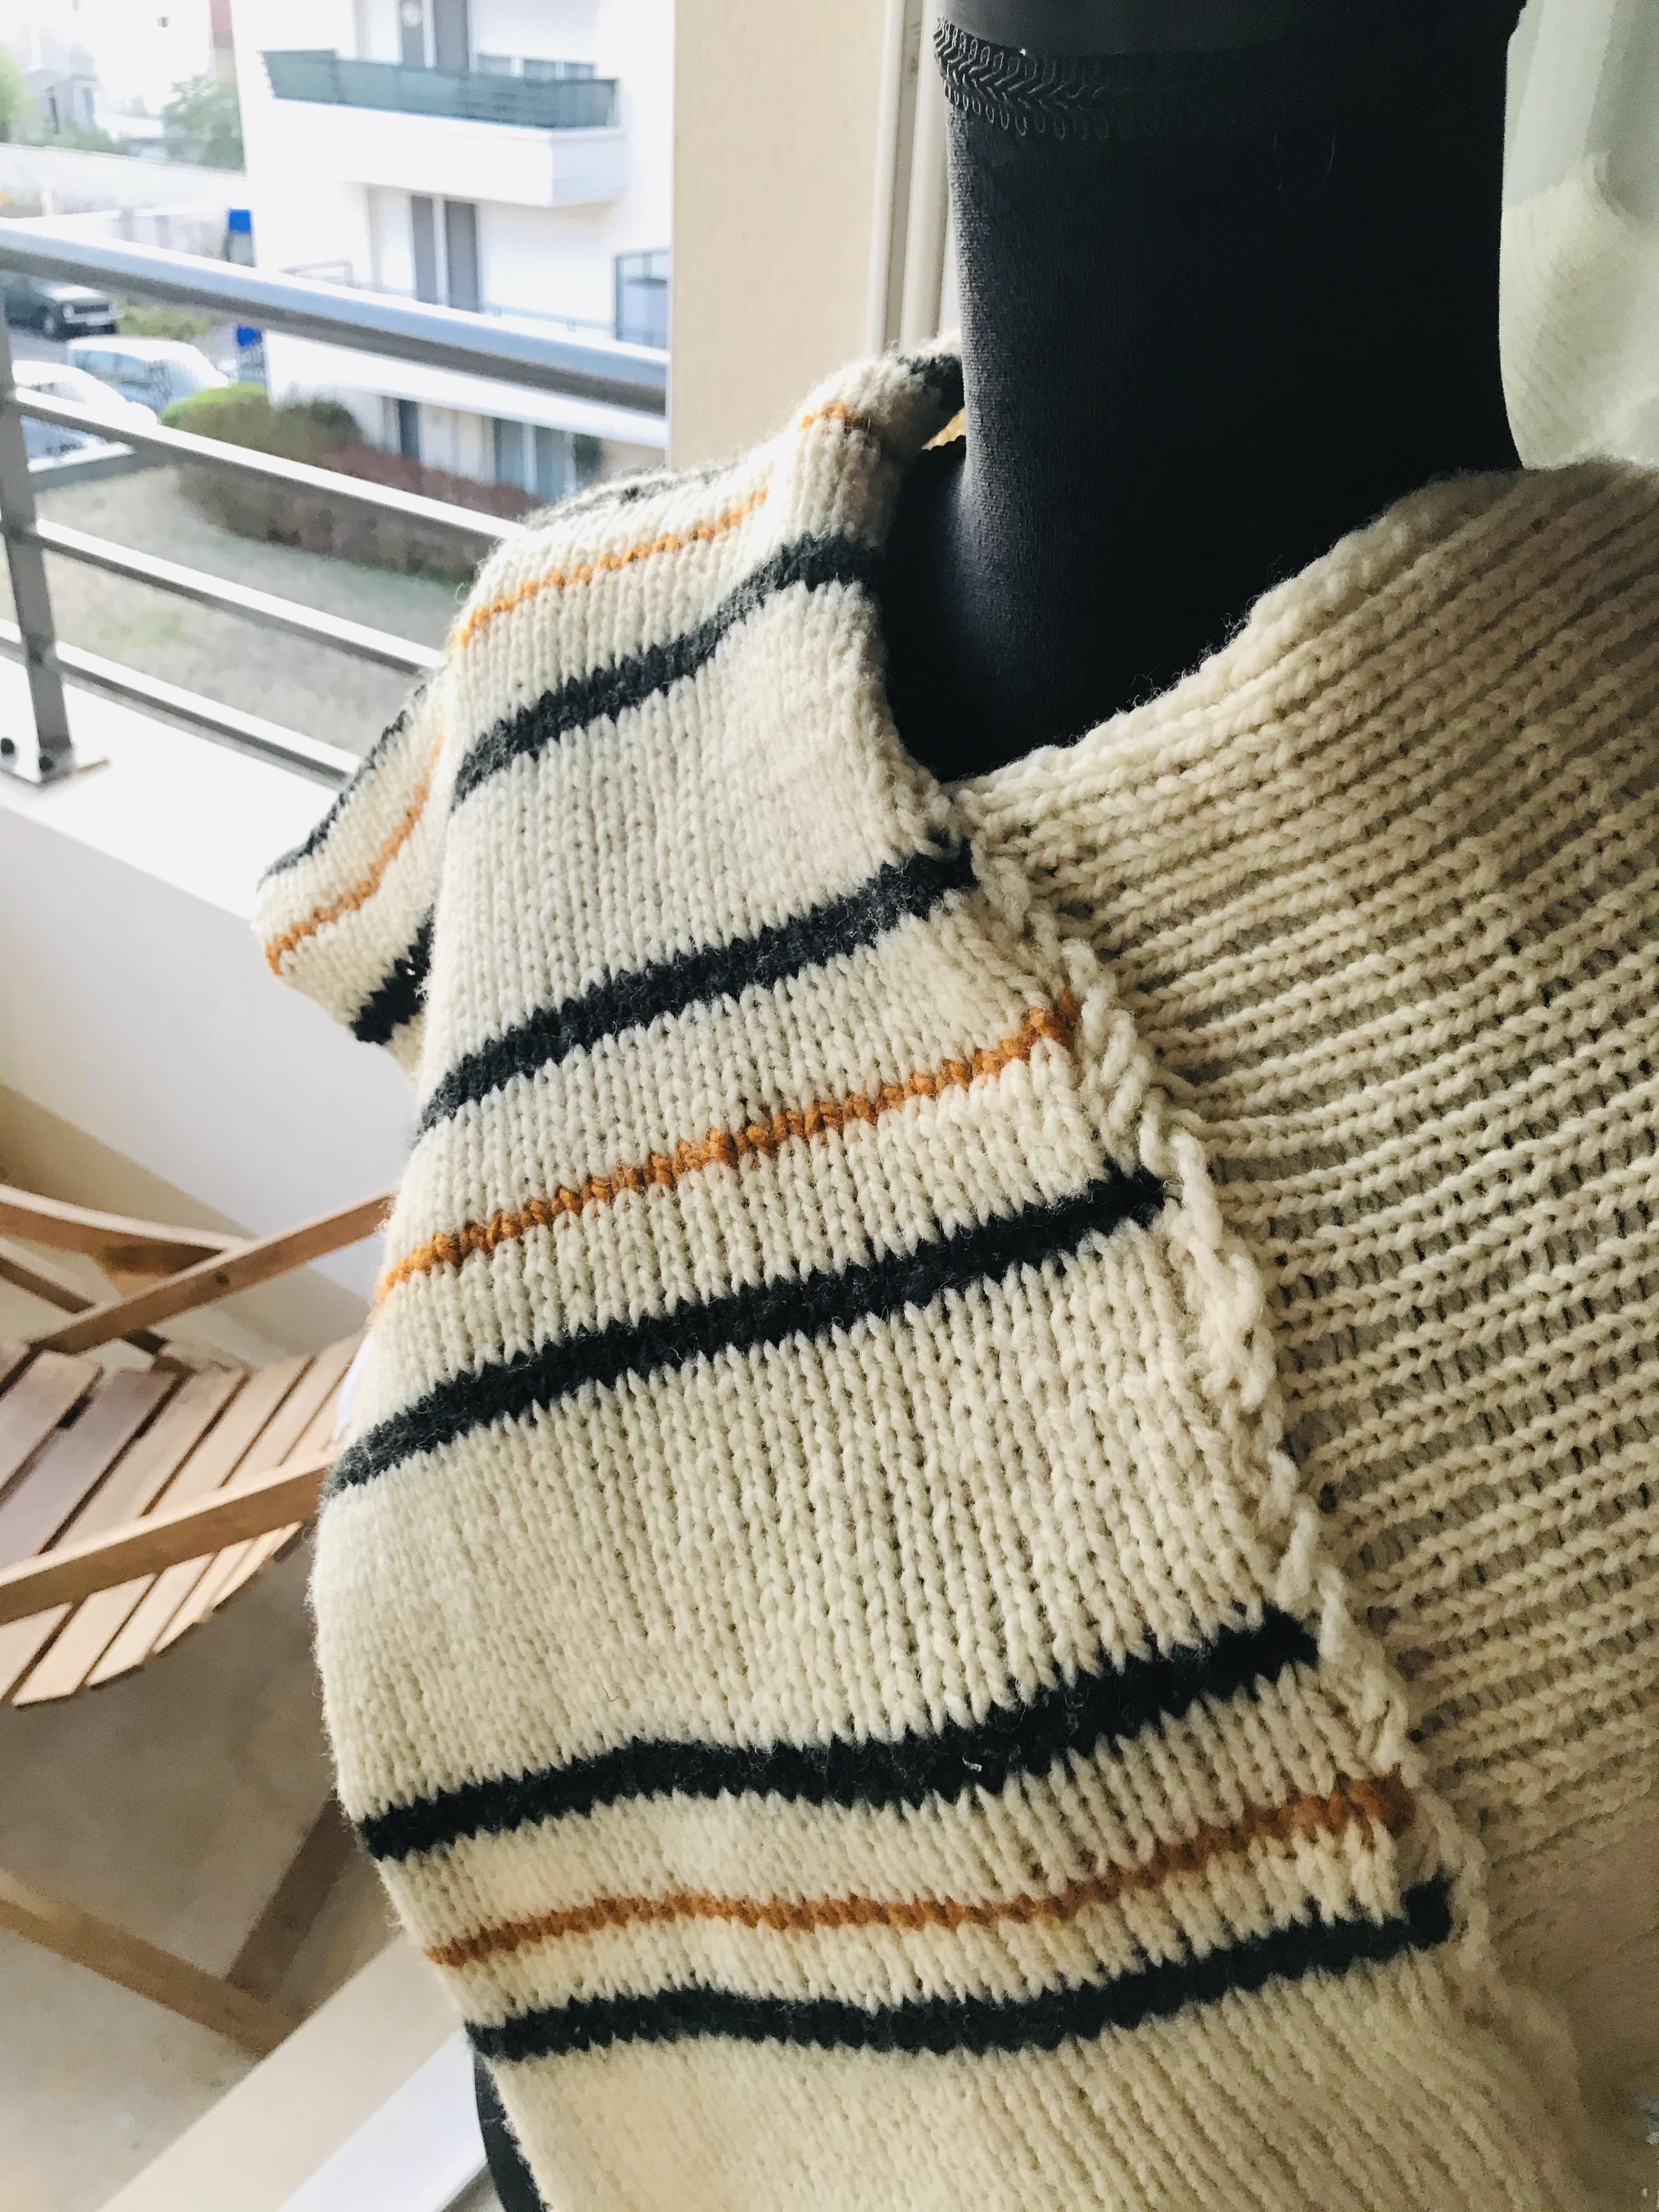 troc de troc poncho court en pure laine fait main - «tanger» image 1